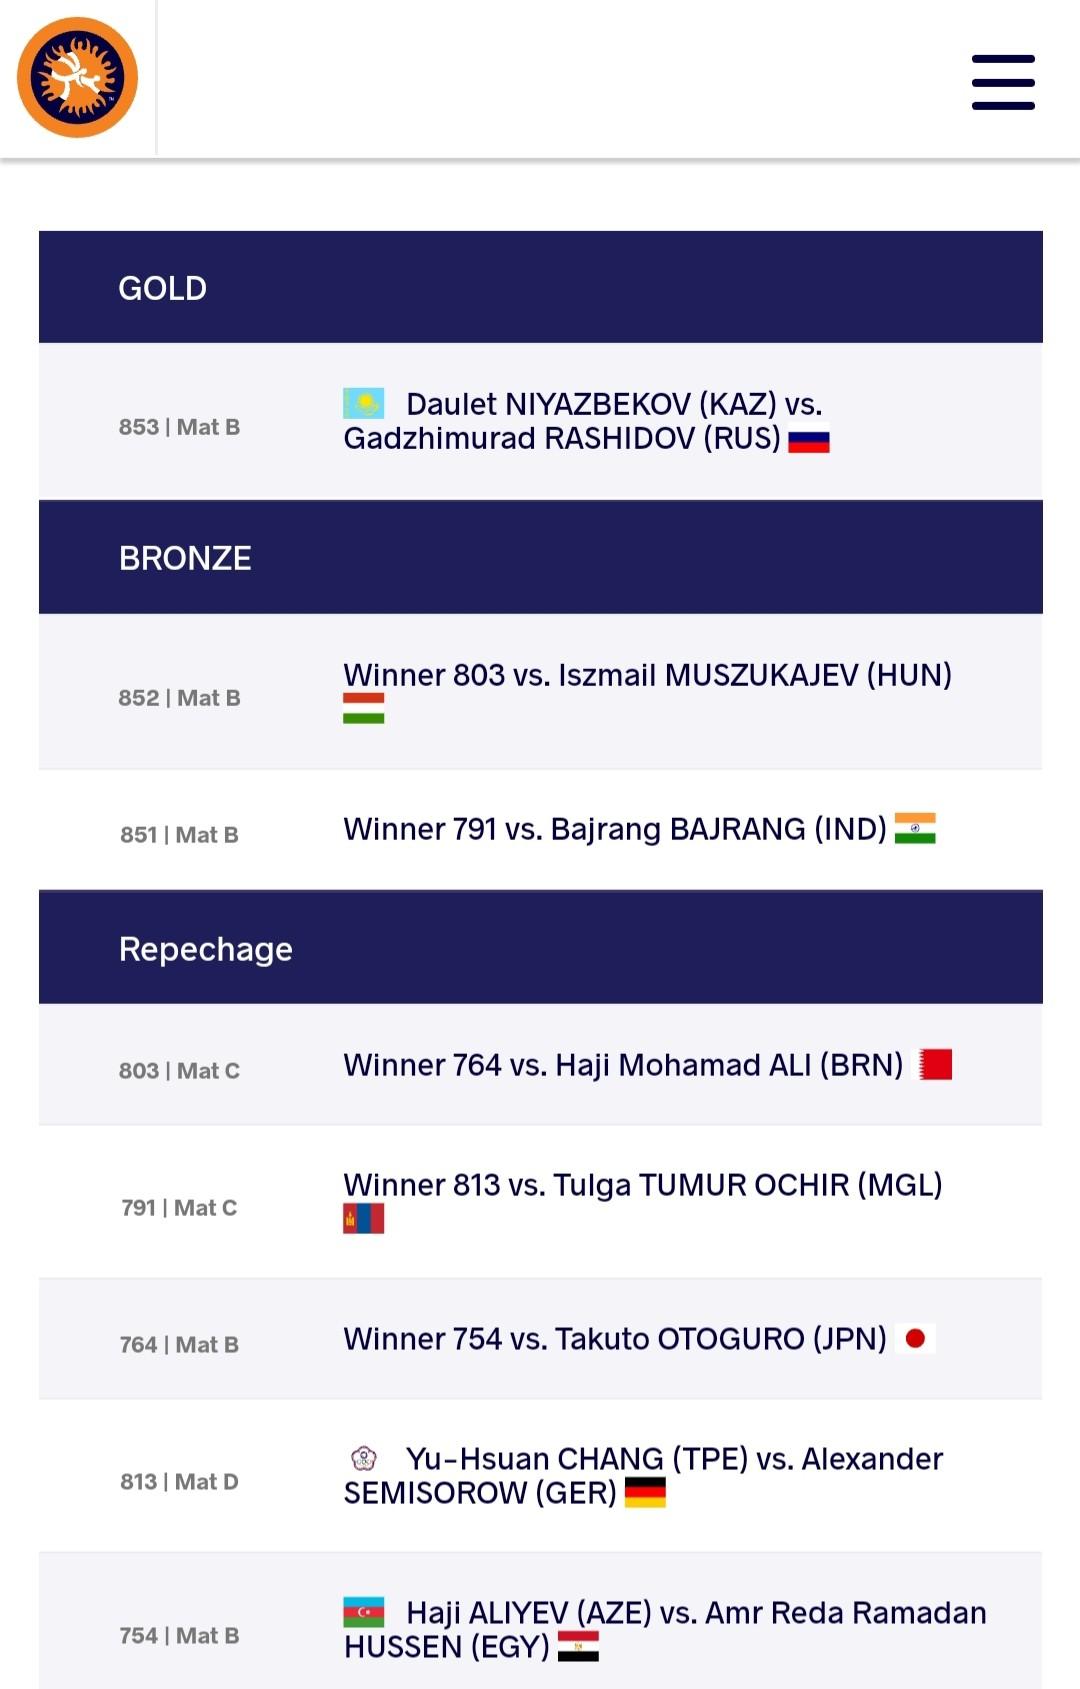 مافیای کشتی در رقابت های جهانی/ آزادکار اخراج شده آذربایجانی به جدول مسابقات بازگشت!